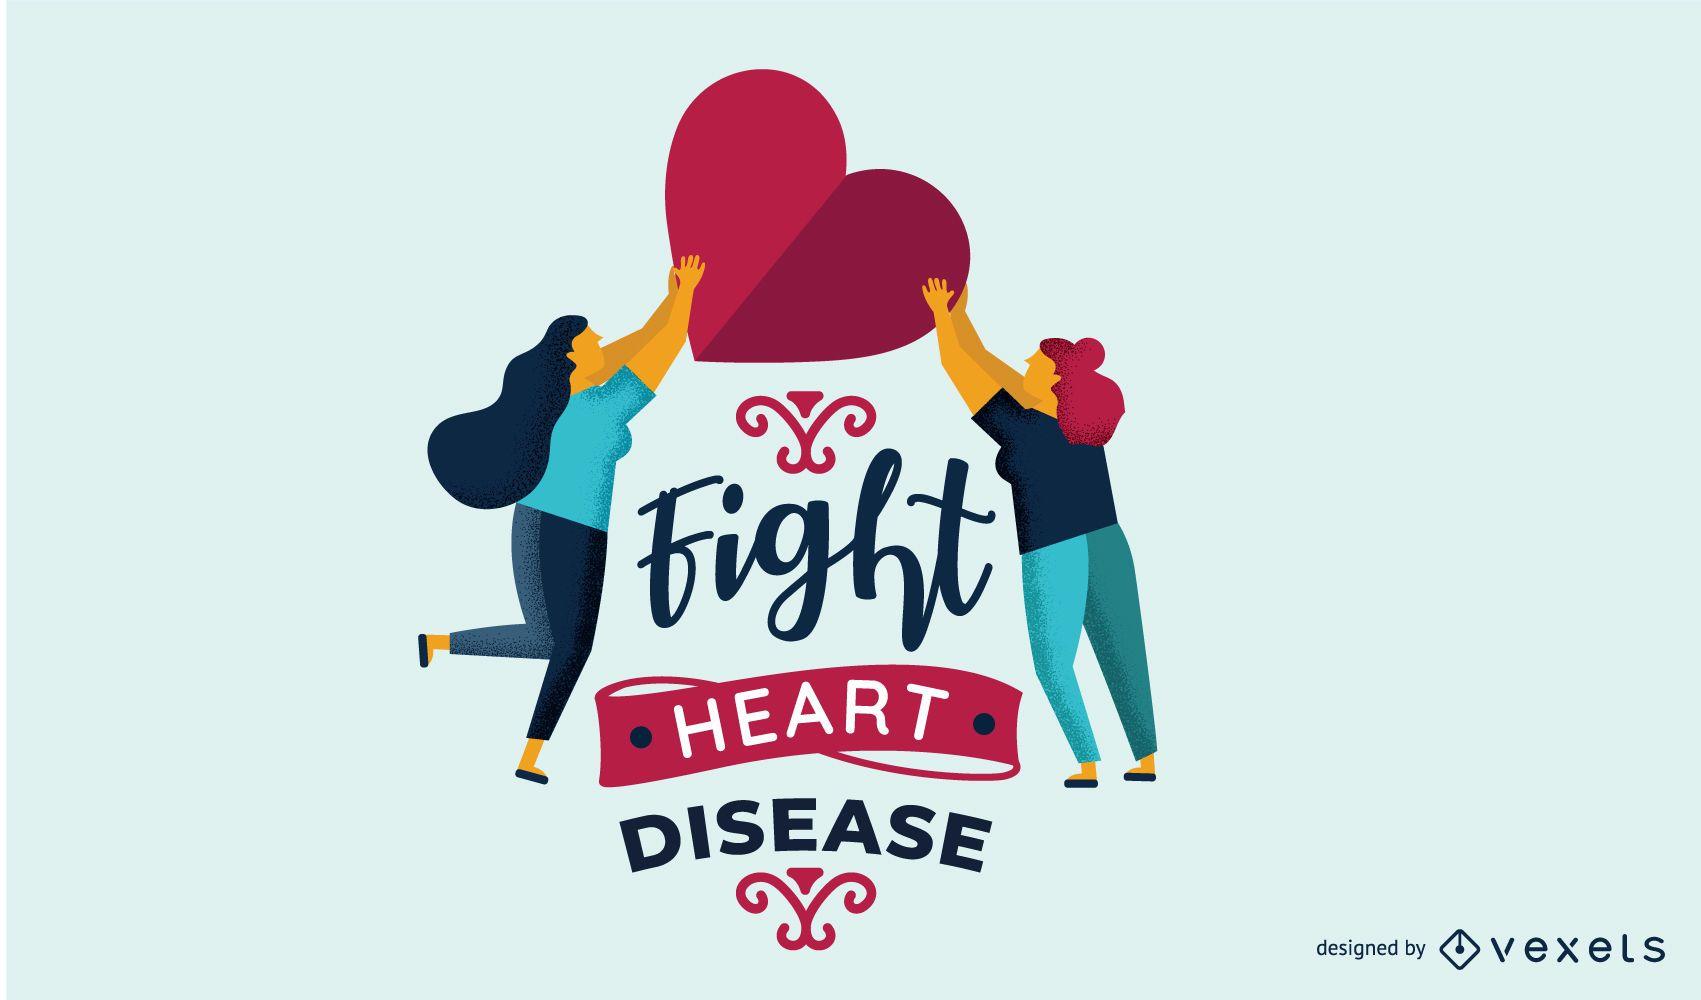 Ilustración de lucha contra la enfermedad cardíaca